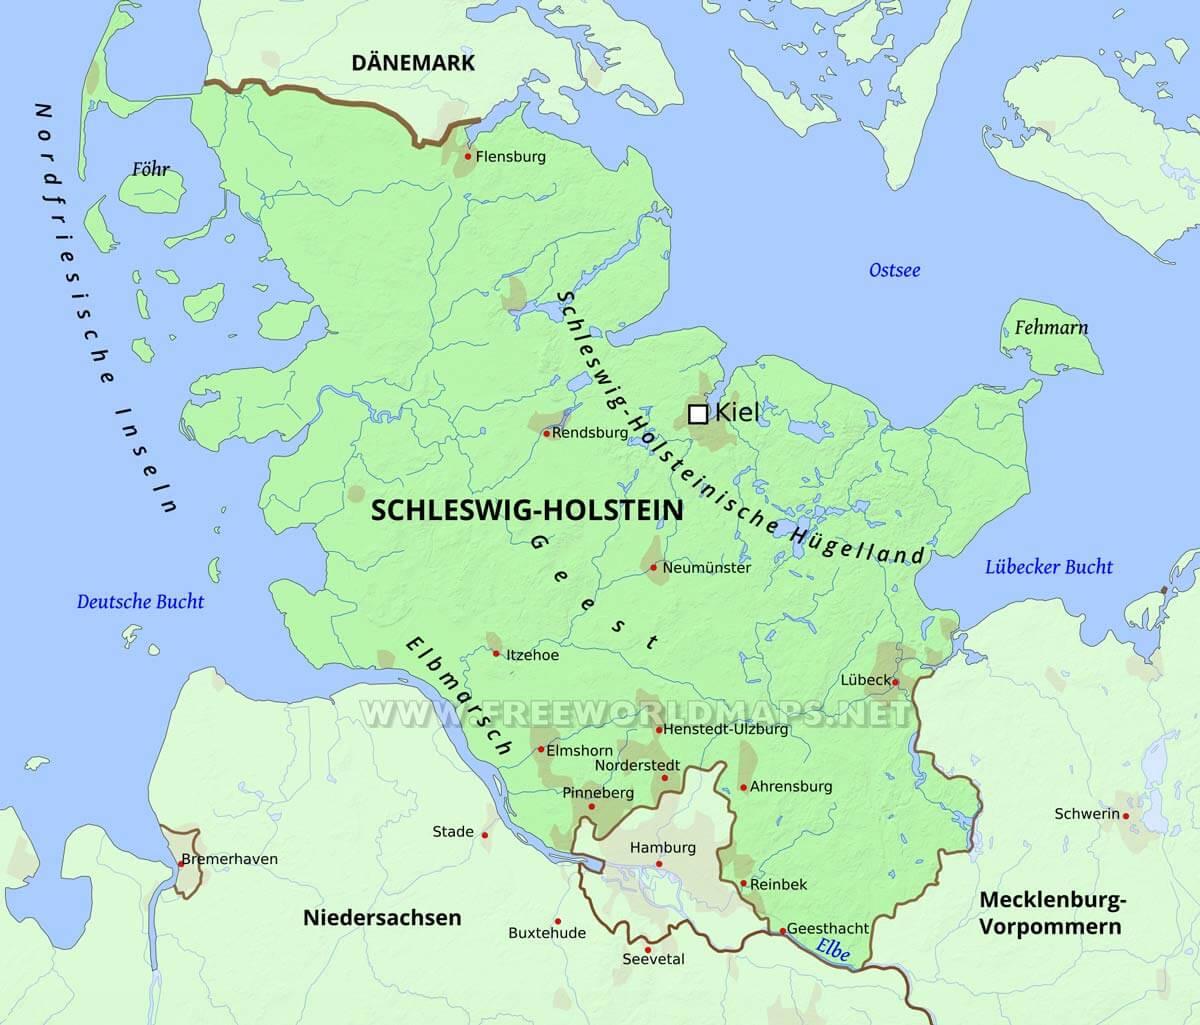 Schleswig Holstein Karte Freeworldmaps Net